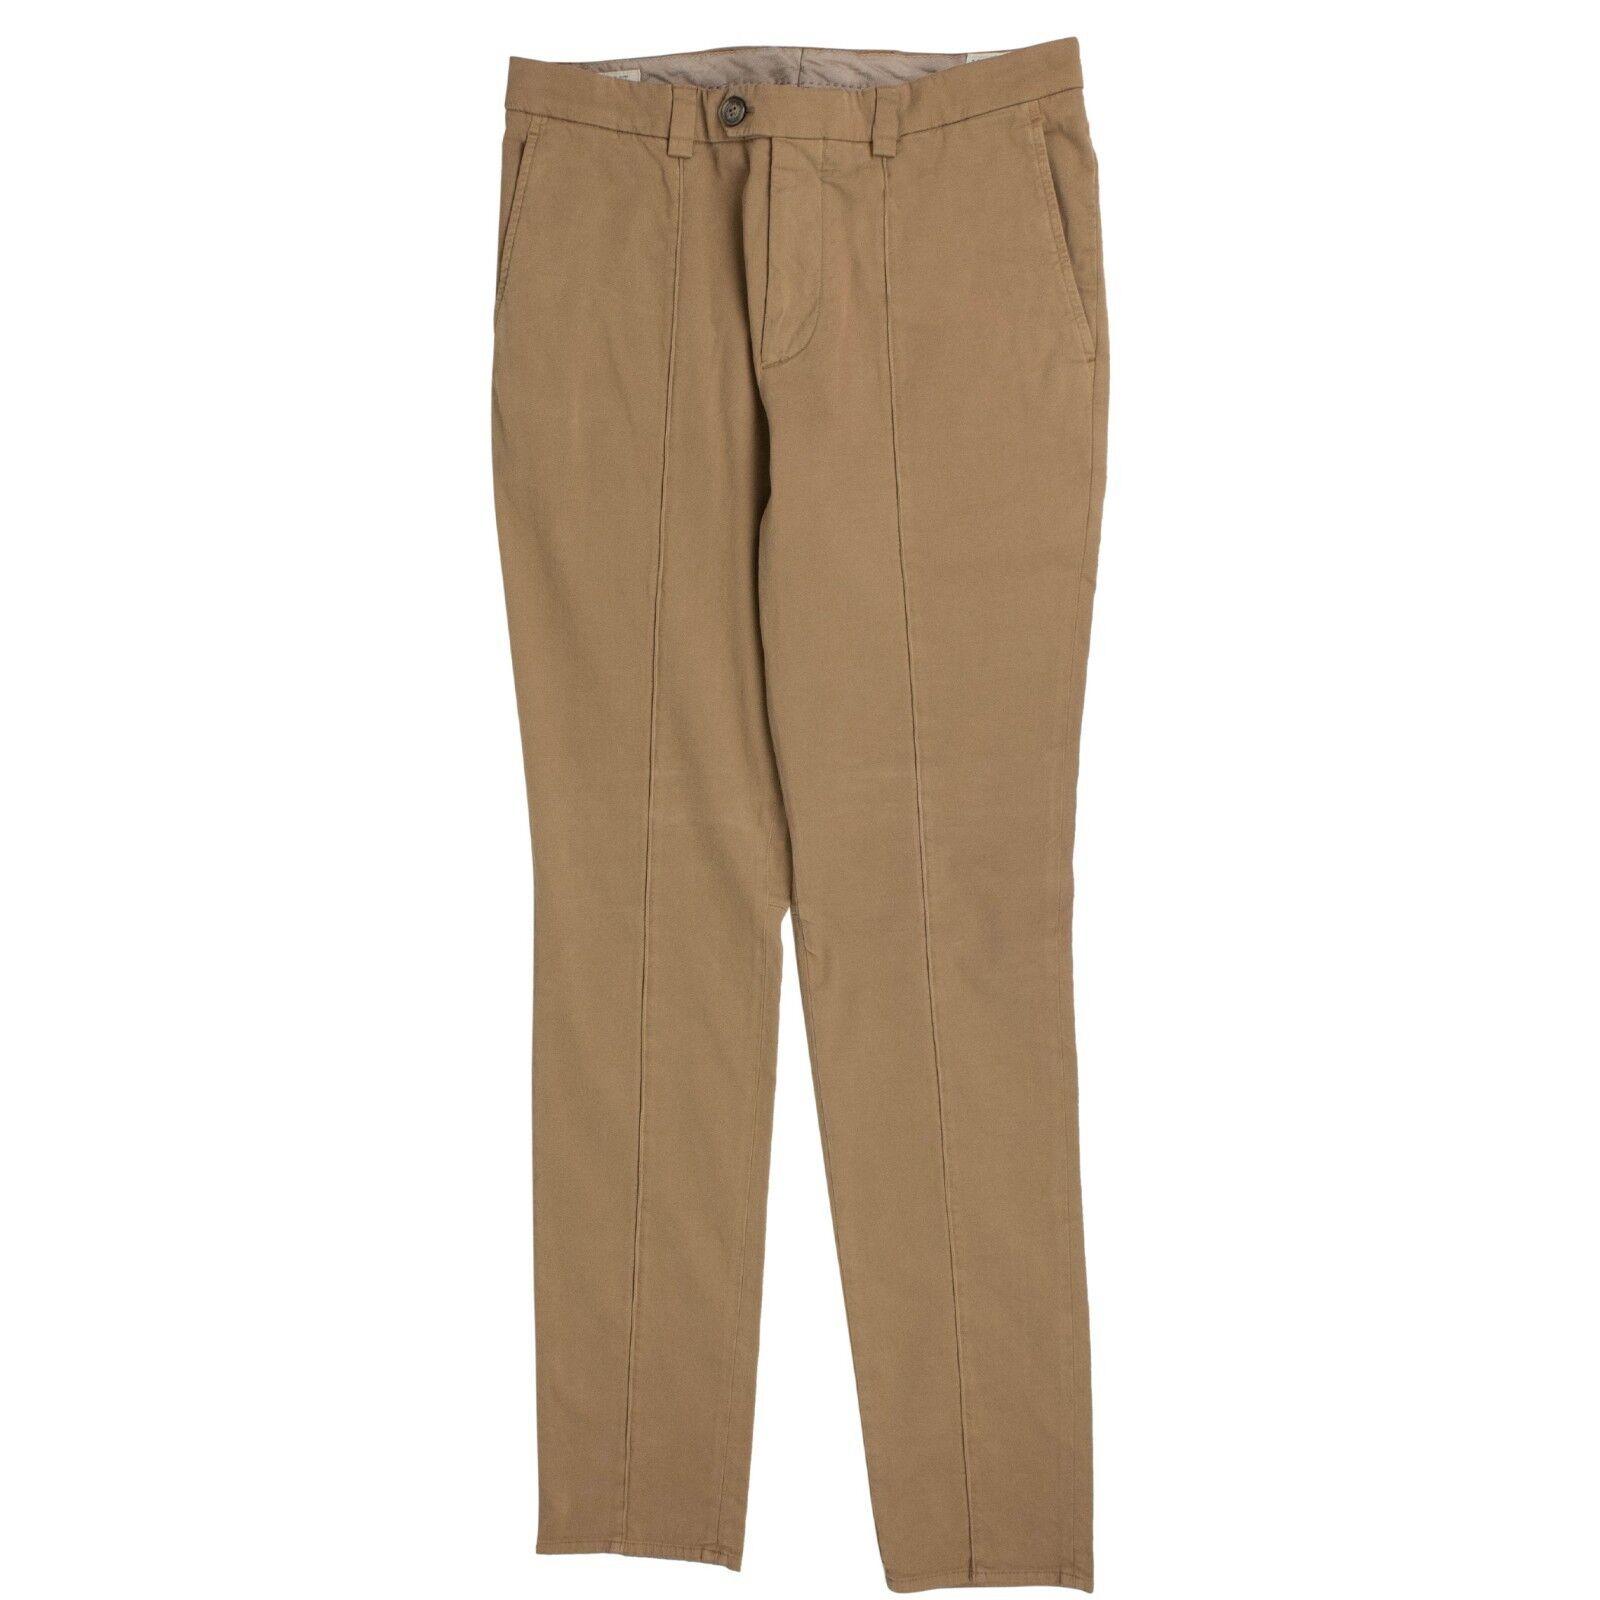 NWT BRUNELLO CUCINELLI Camel Cotton Crête Dress Pants 34 50